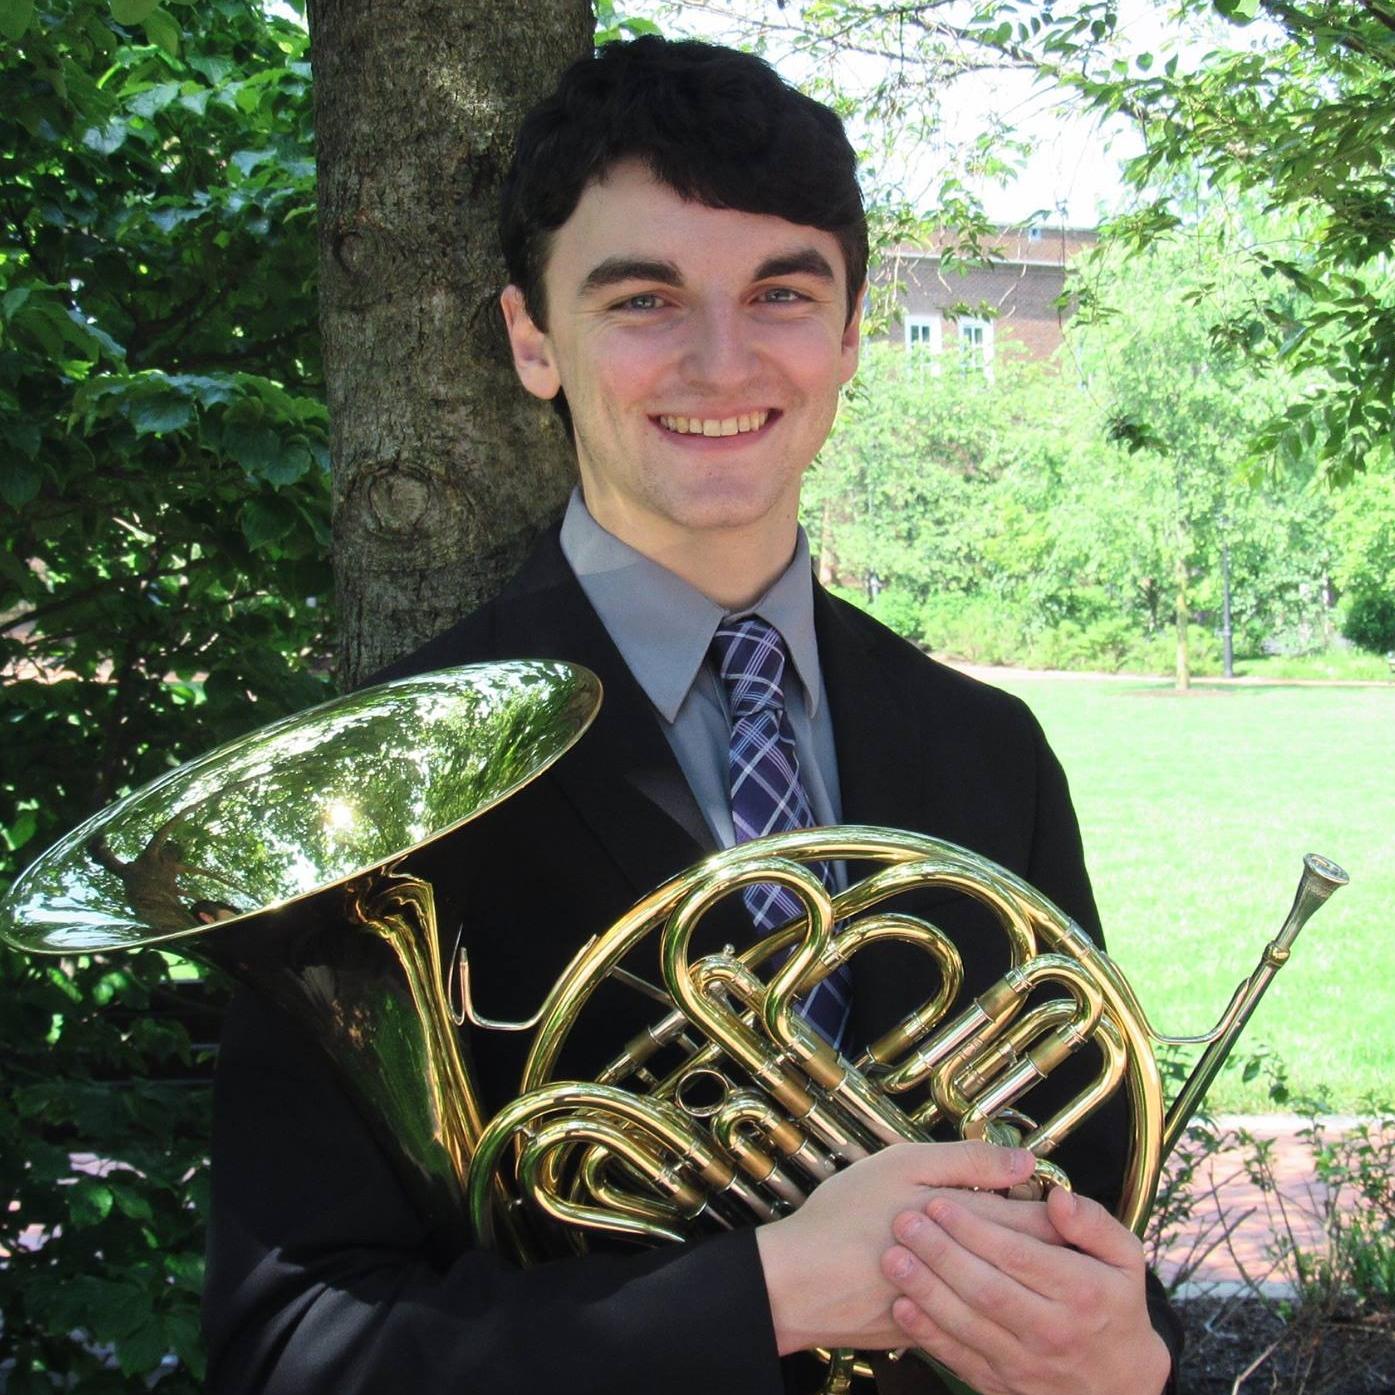 Senior Music Education Major on Horn